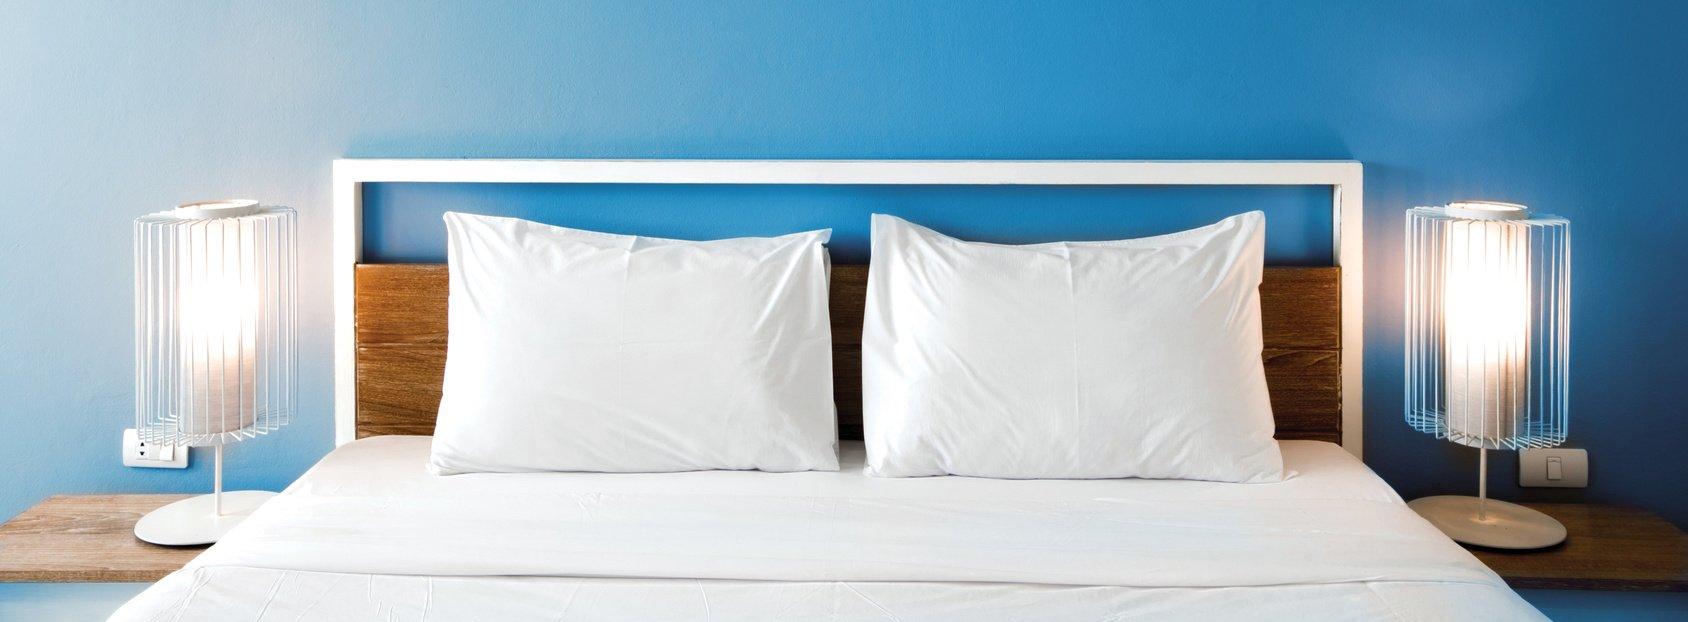 Equiper son hôtel en WiFi avec Wifirst